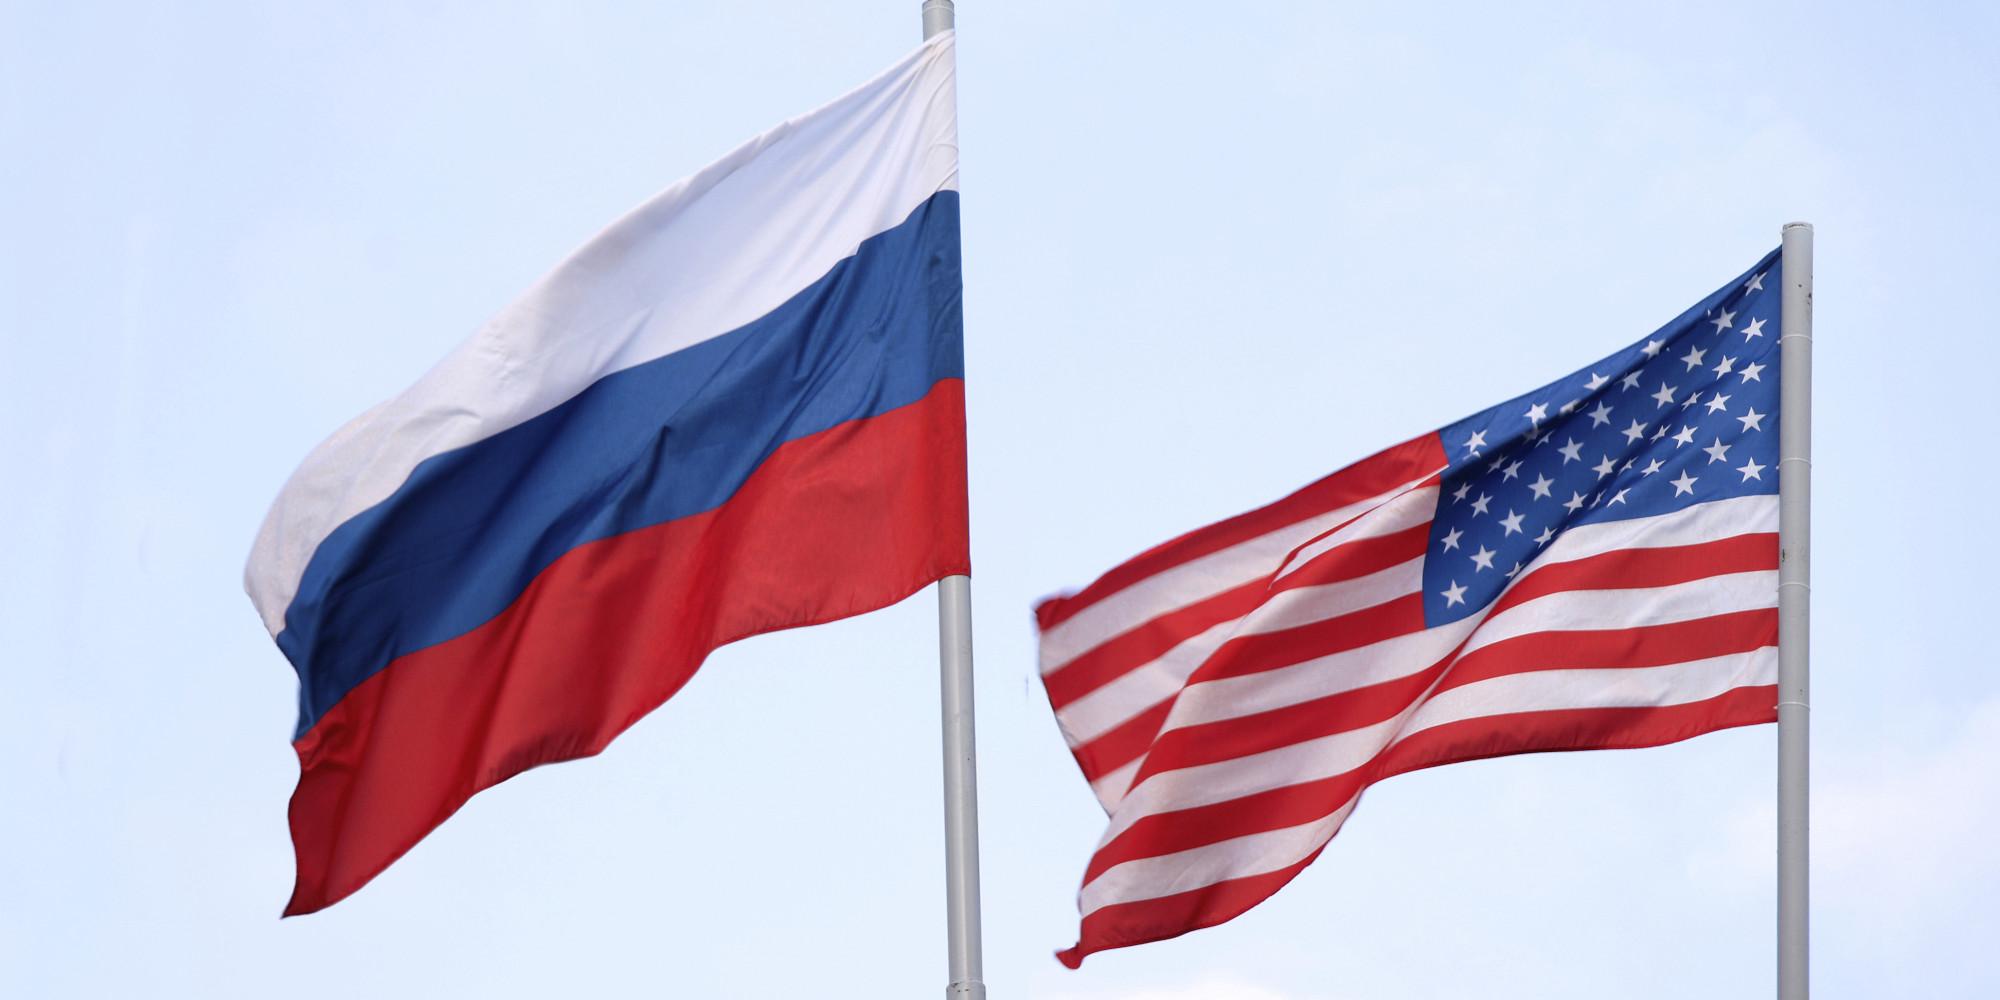 США отказались возвращать России дипсобственность